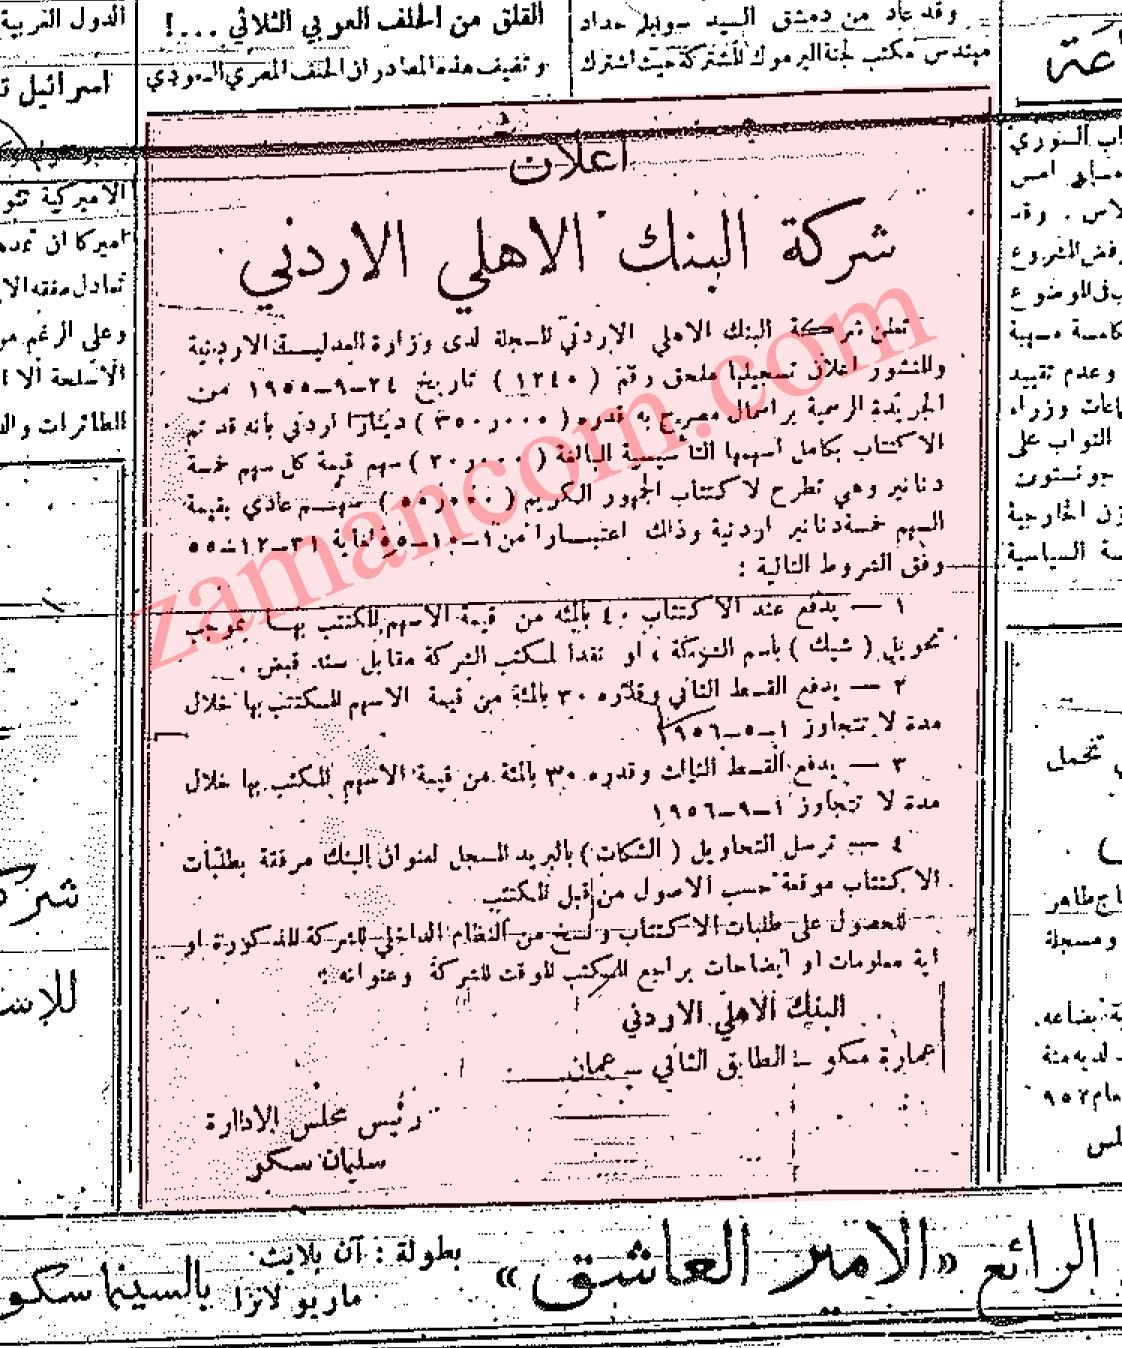 الإعلان كما نشر في مطلع تشرين أول 1955